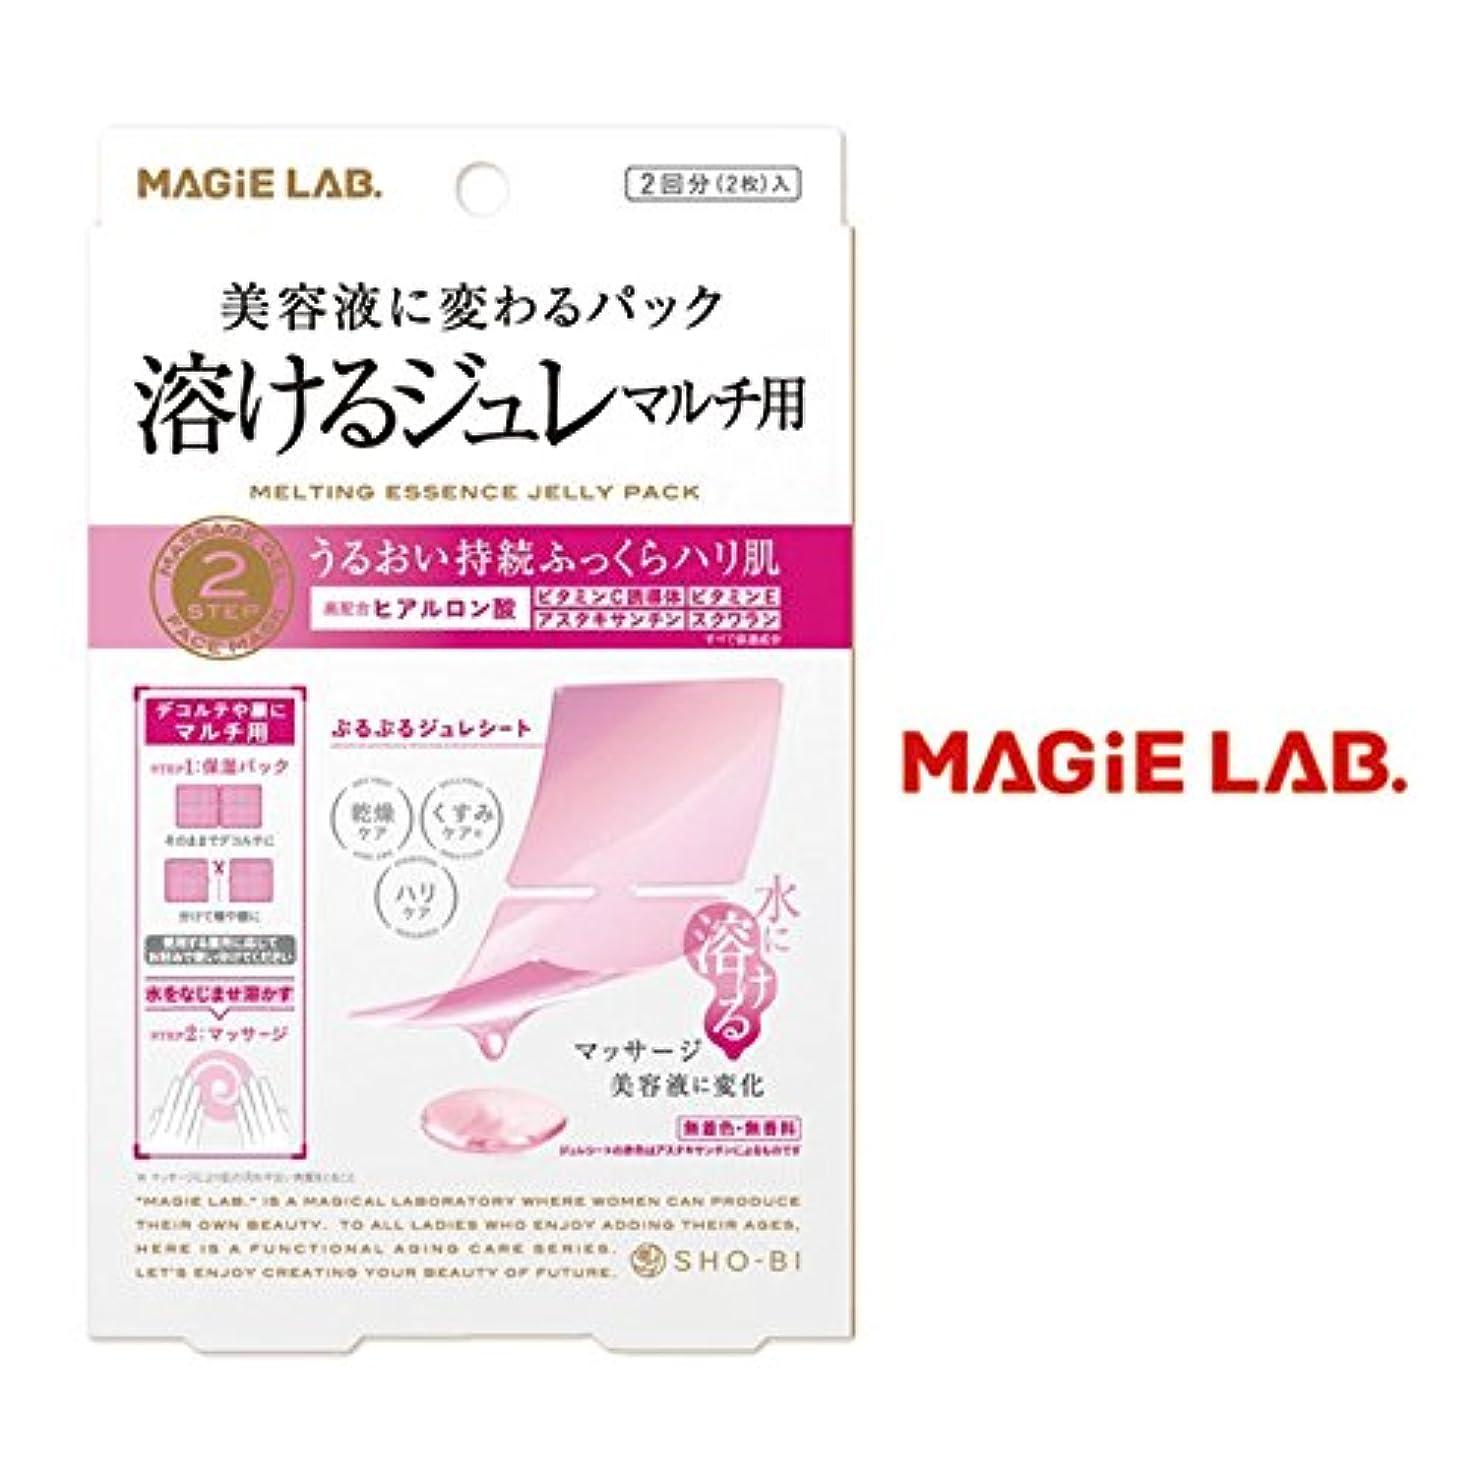 食欲創傷絶滅MAGiE LAB.溶けるジュレ マルチ用2回分(2枚)入 MG22103